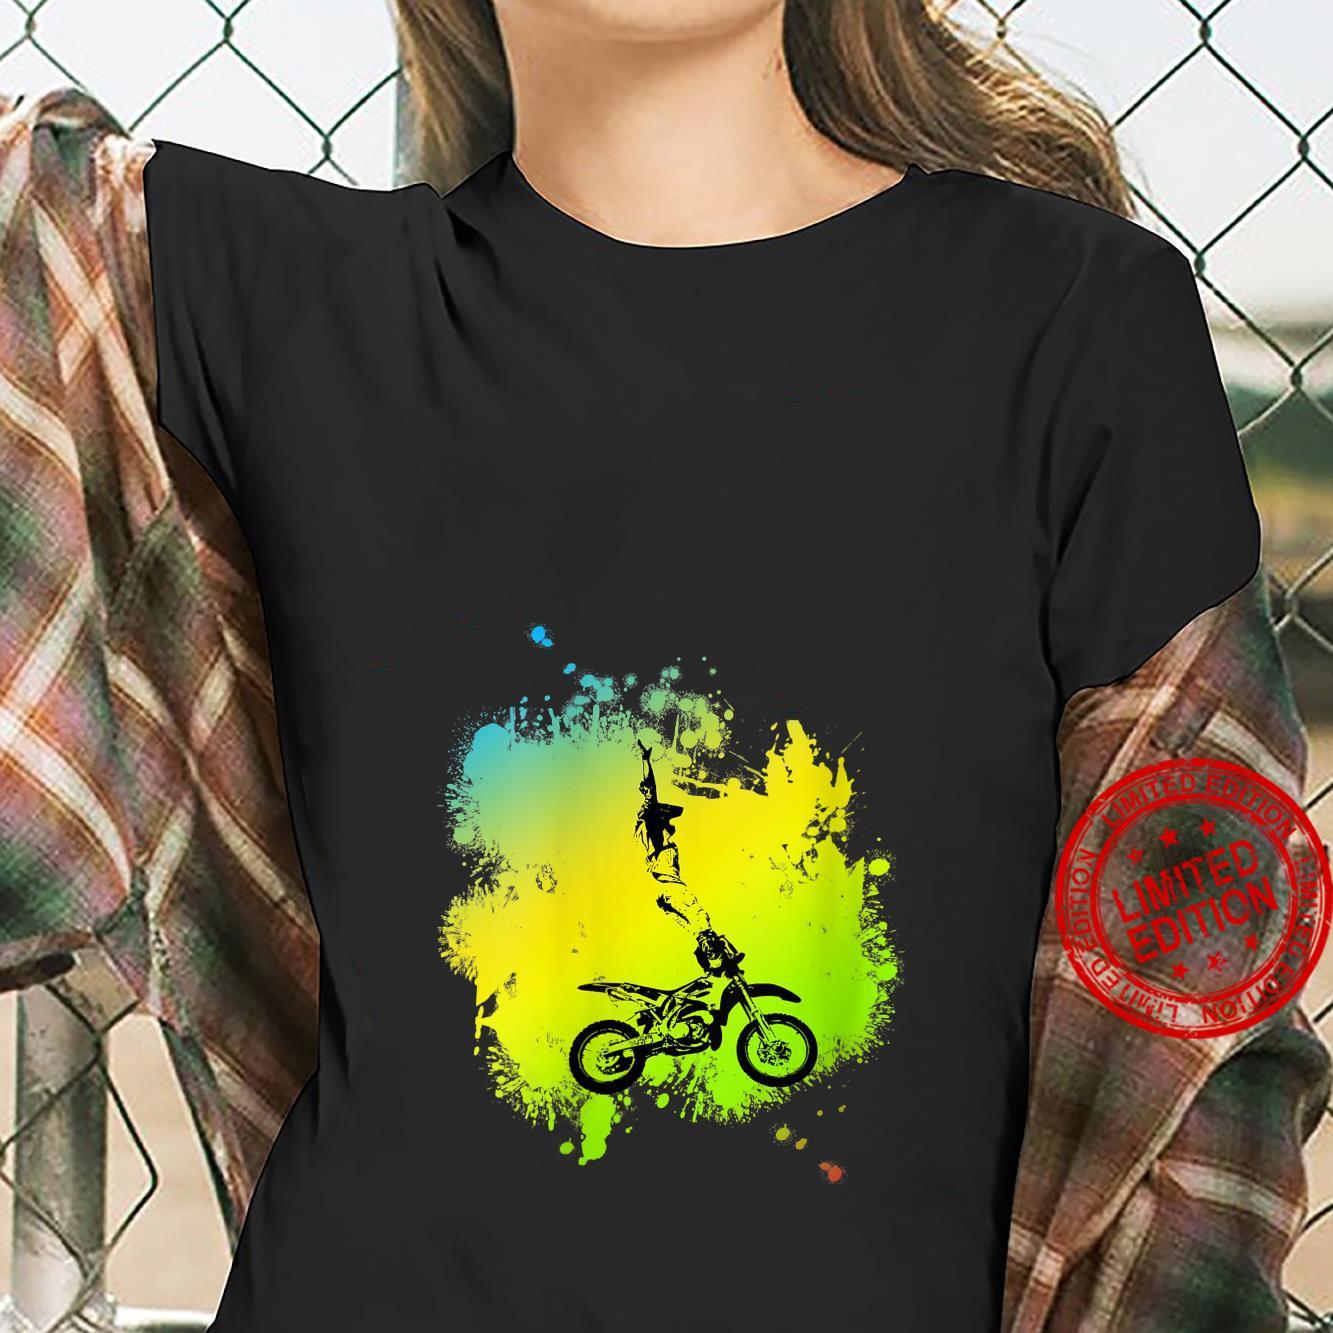 Womens Motocross Dirt Bike stunt Shirt ladies tee